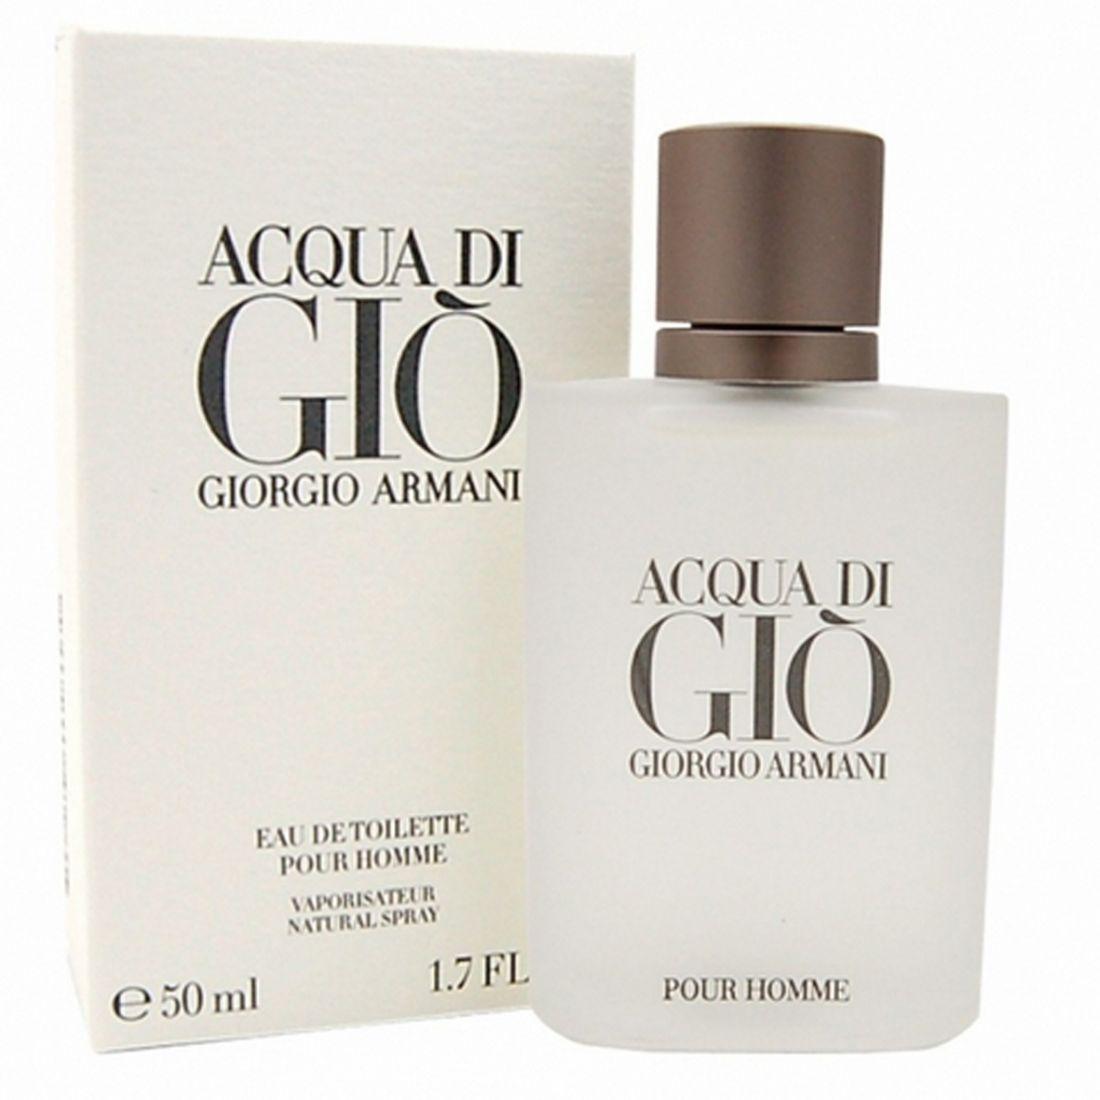 Giorgio Armani - Acqua Di Gio Pour Homme, 50 ml